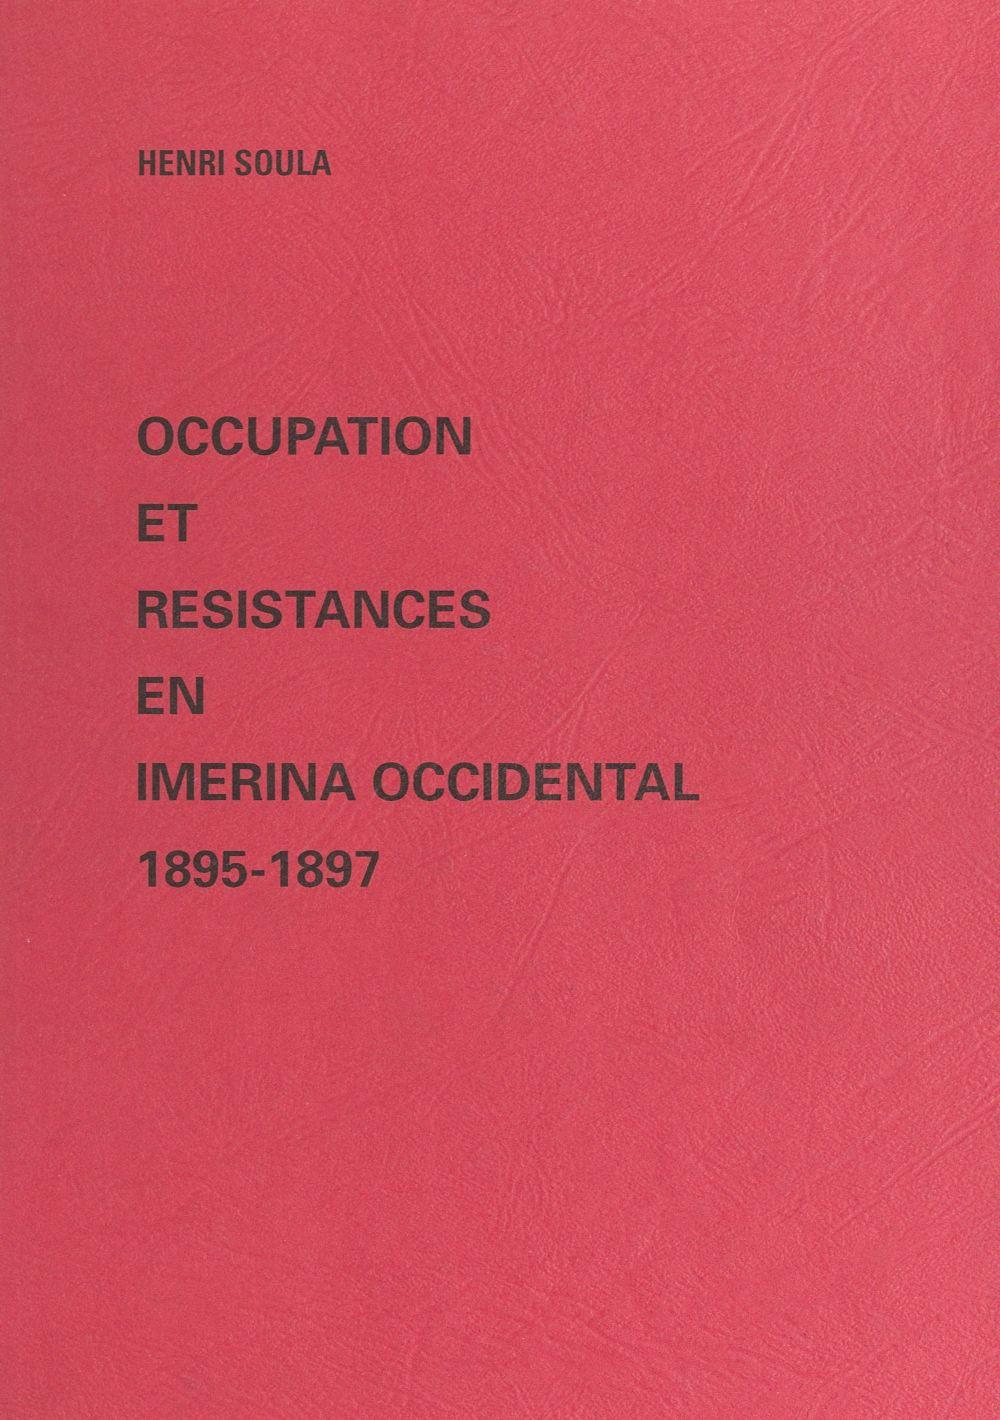 Occupation et résistances en Imerina occidental  - Henri Soula